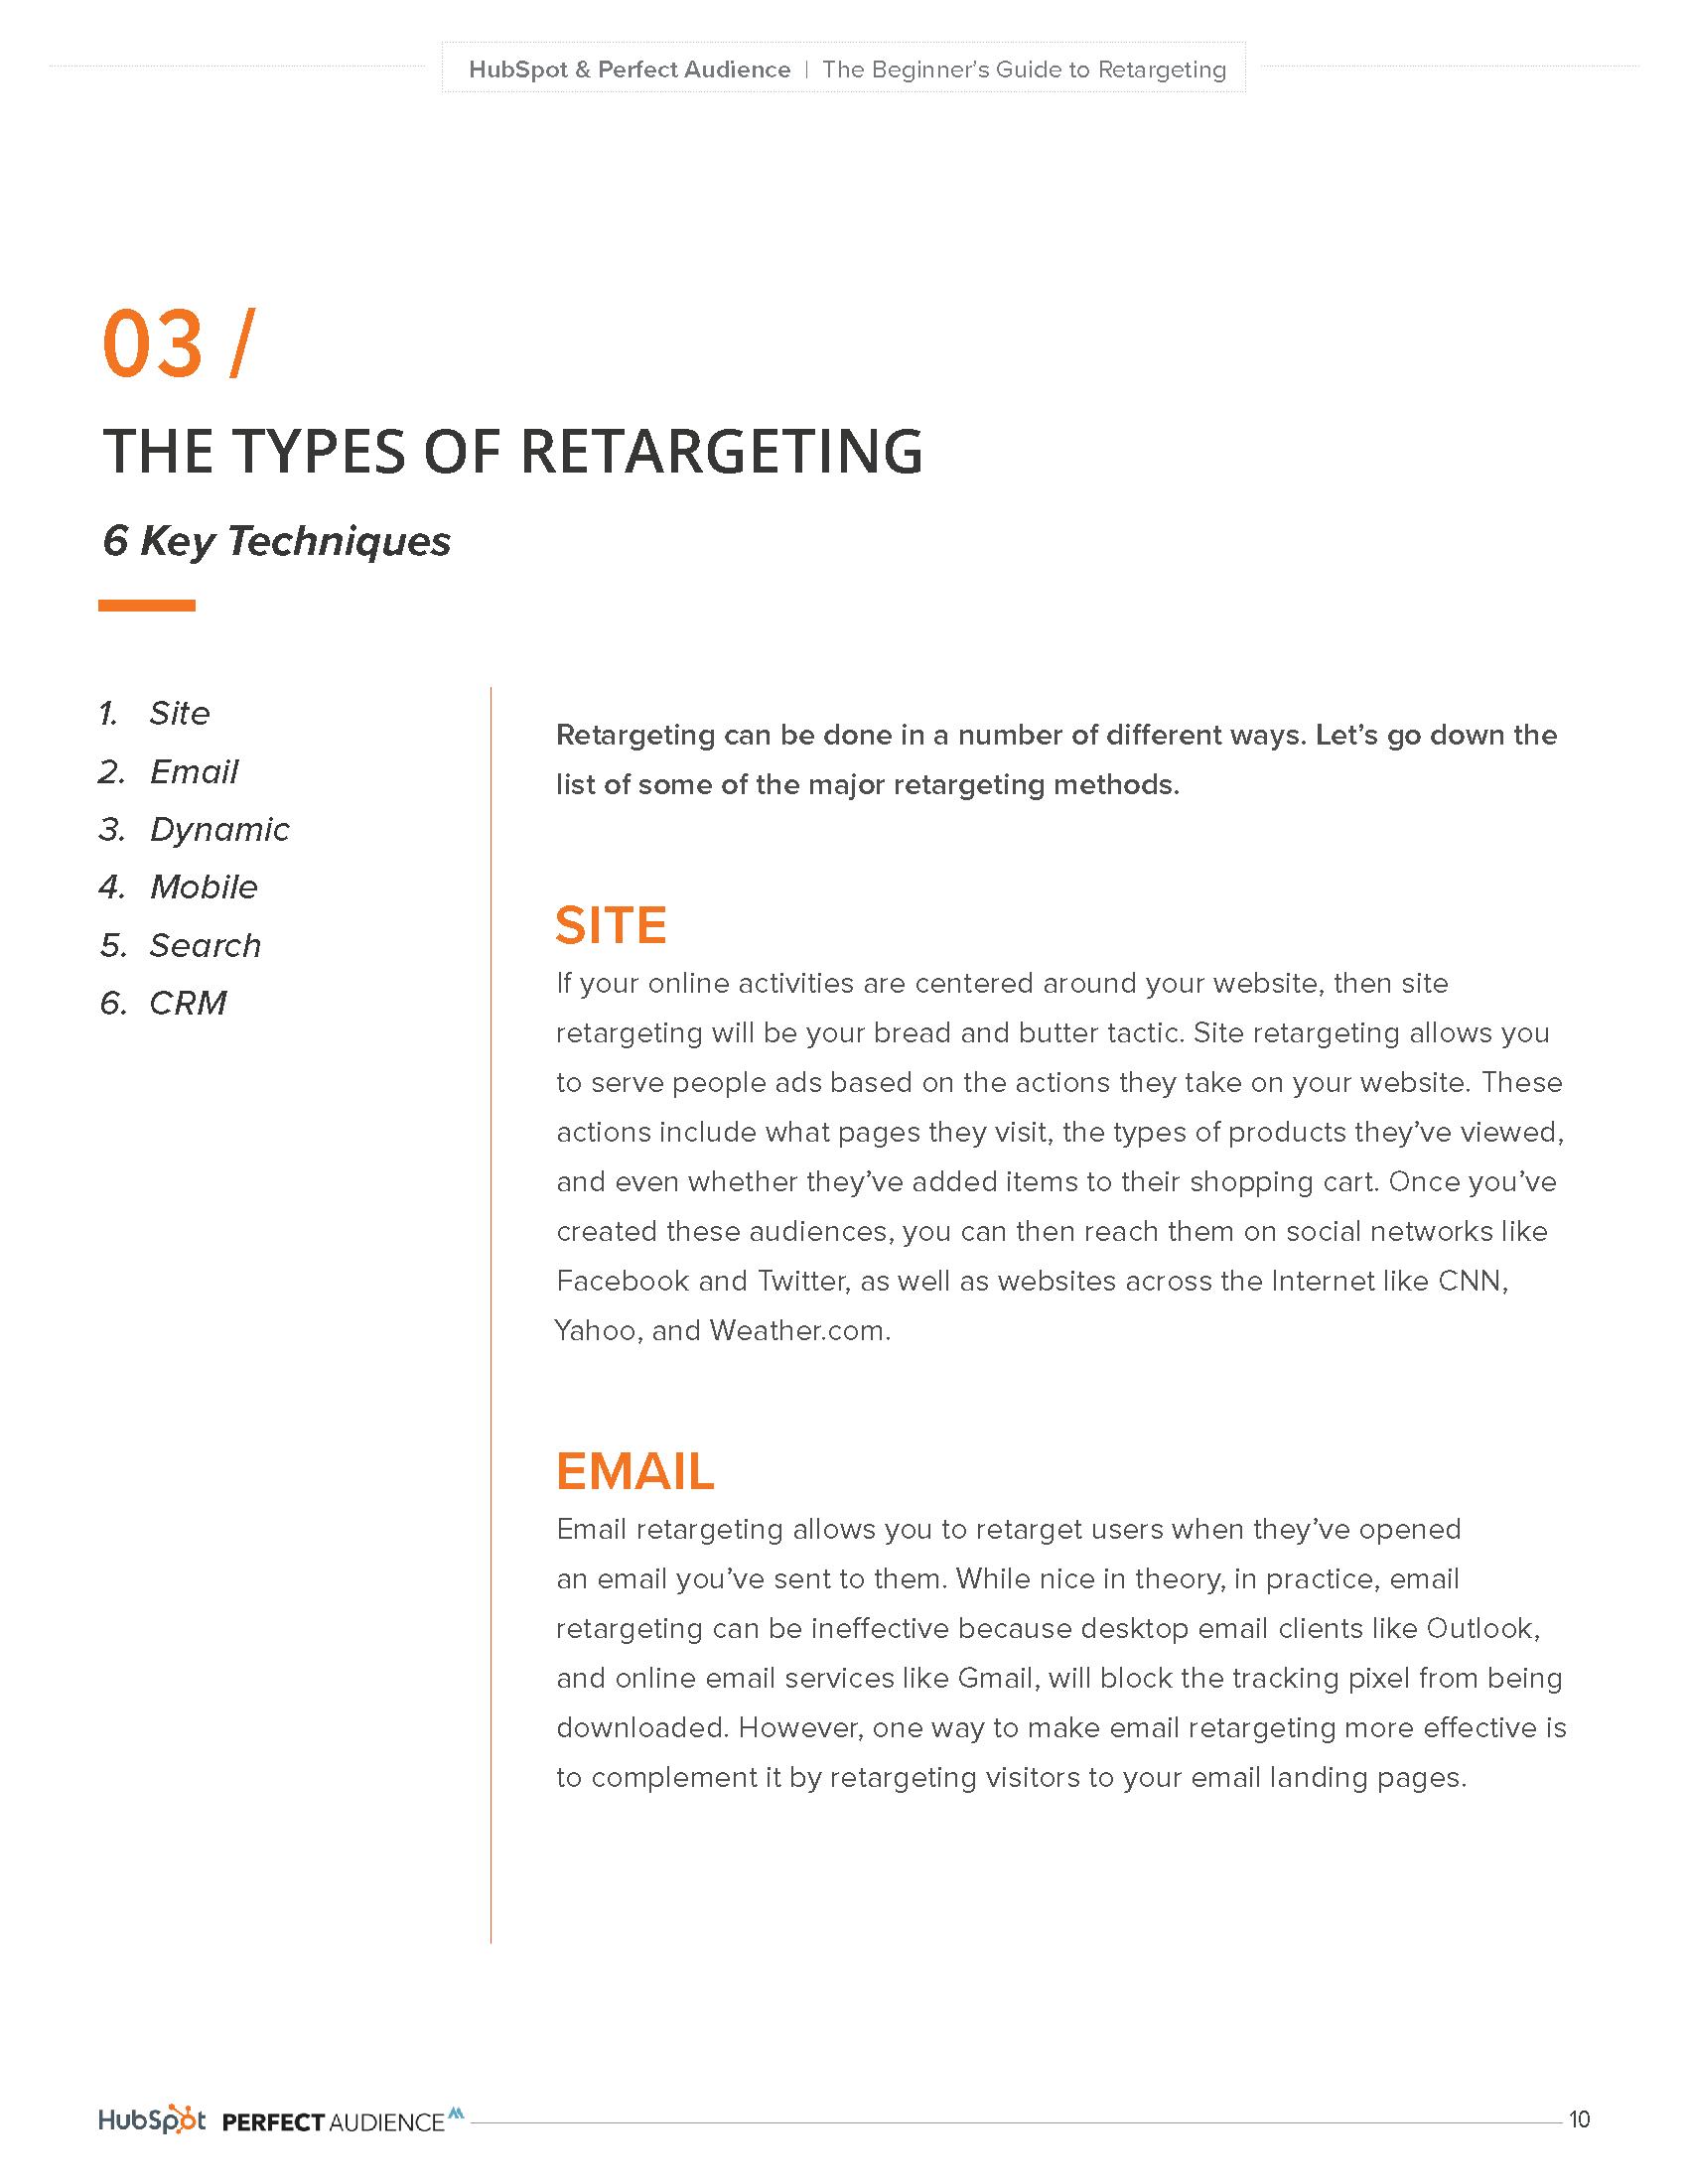 Retargeting 4